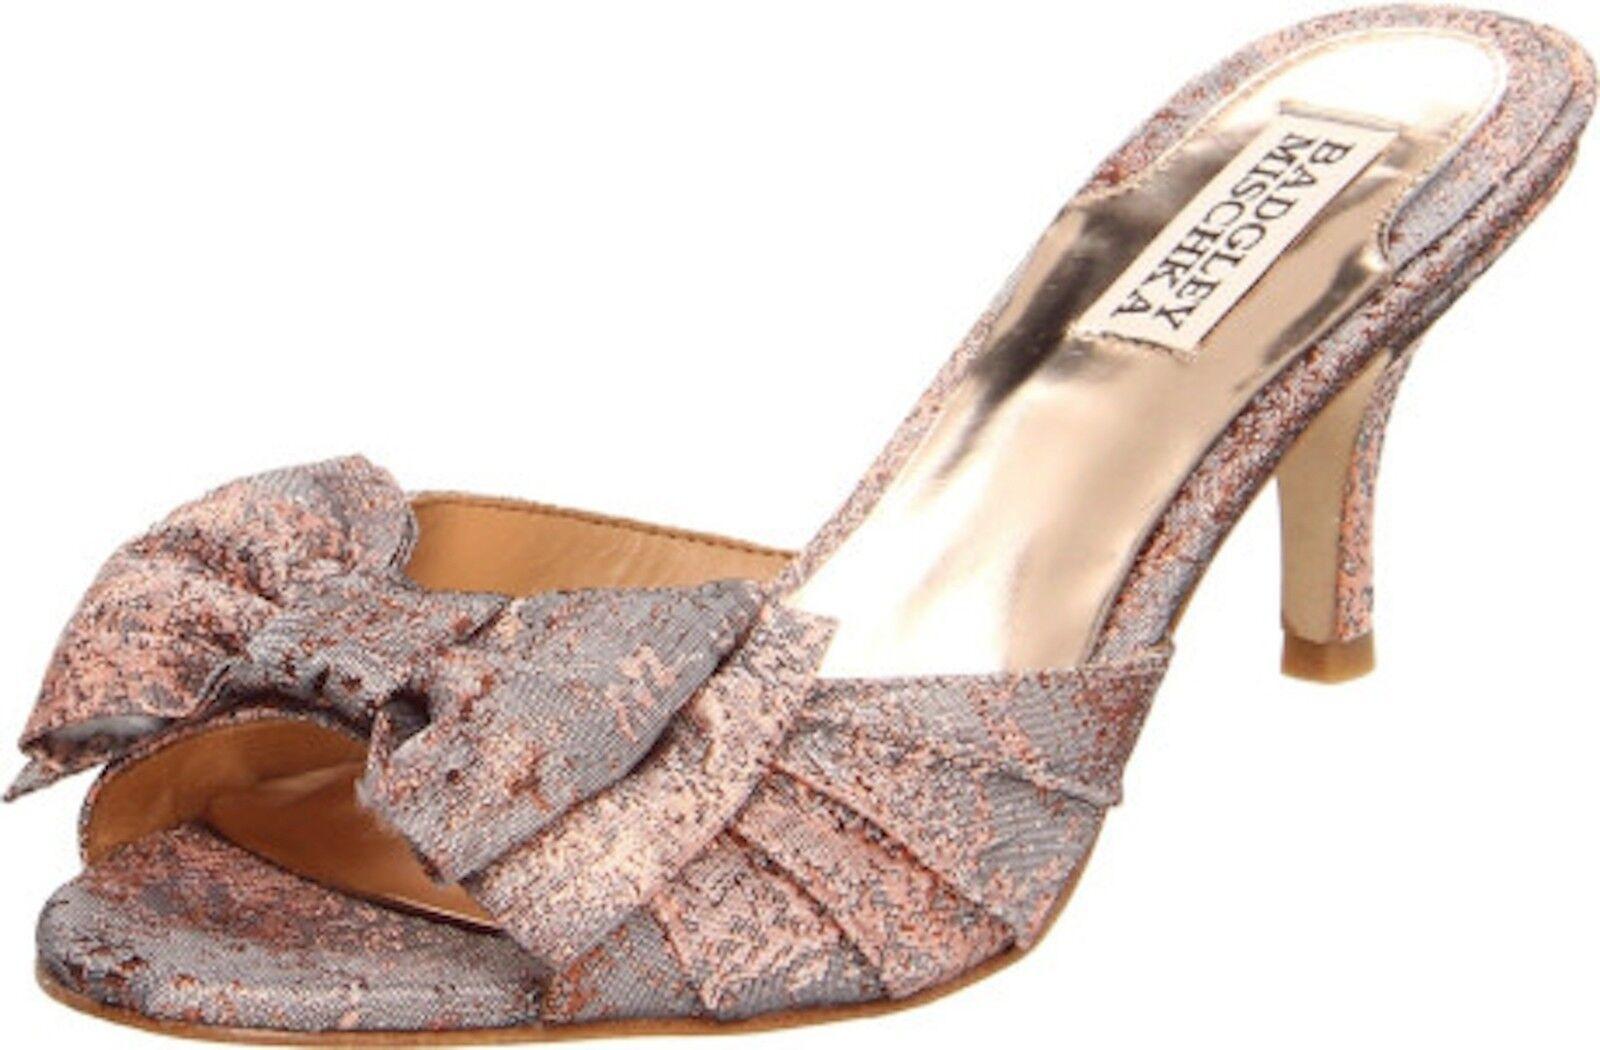 NIB Badgley Mischka MADDY bridal formal sandals slip on shoes w/BOW Rose 8